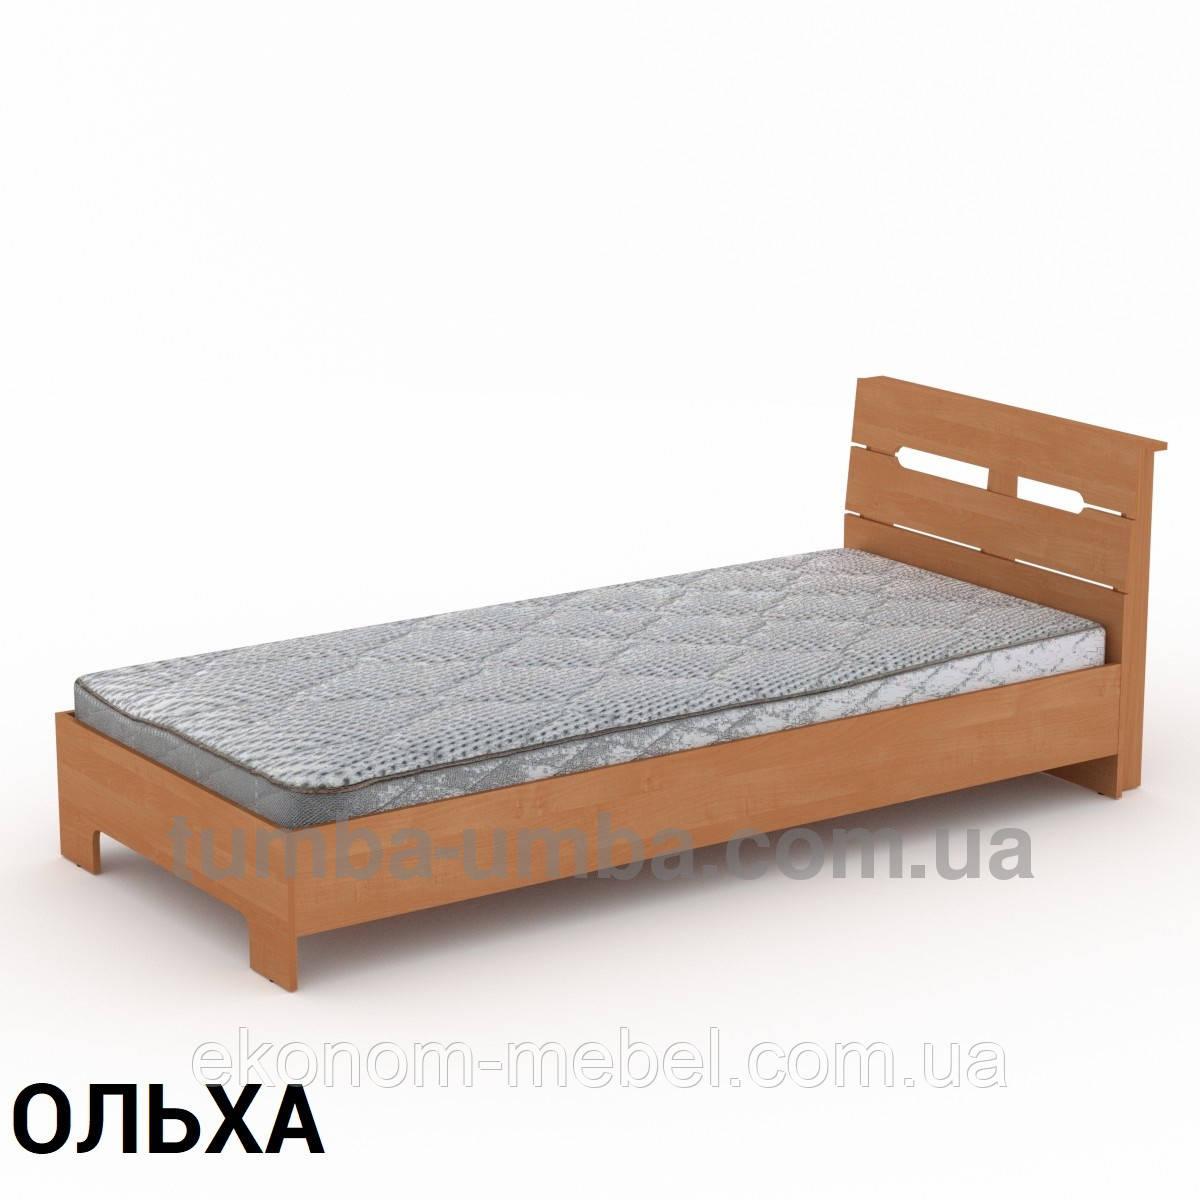 Кровать Стиль-90 односпальная модульная